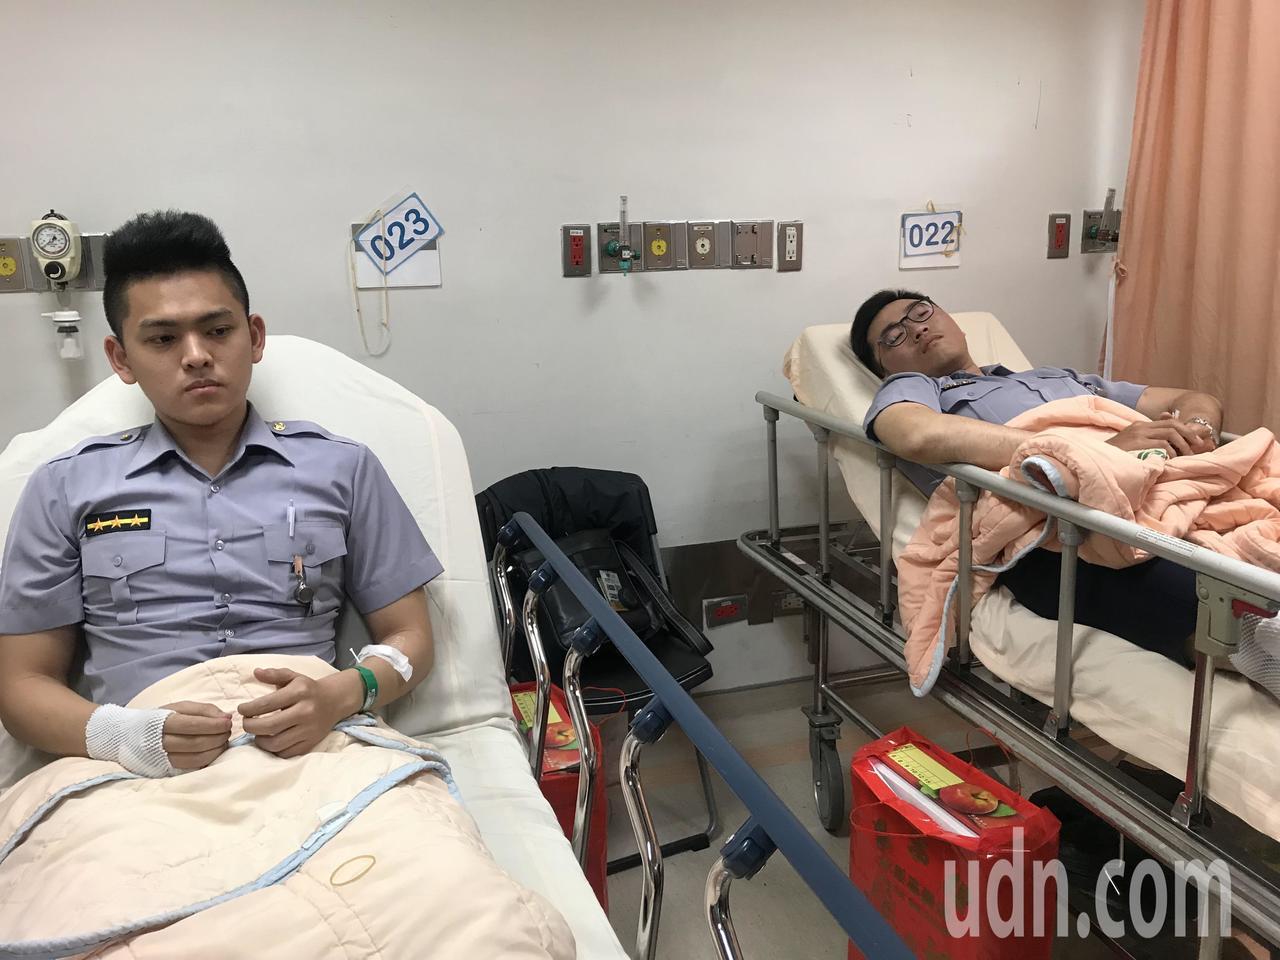 顏利丞(左)說,這雖然是自己第一次開槍,但當下沒有個人感受問題,只想著同事的安危...